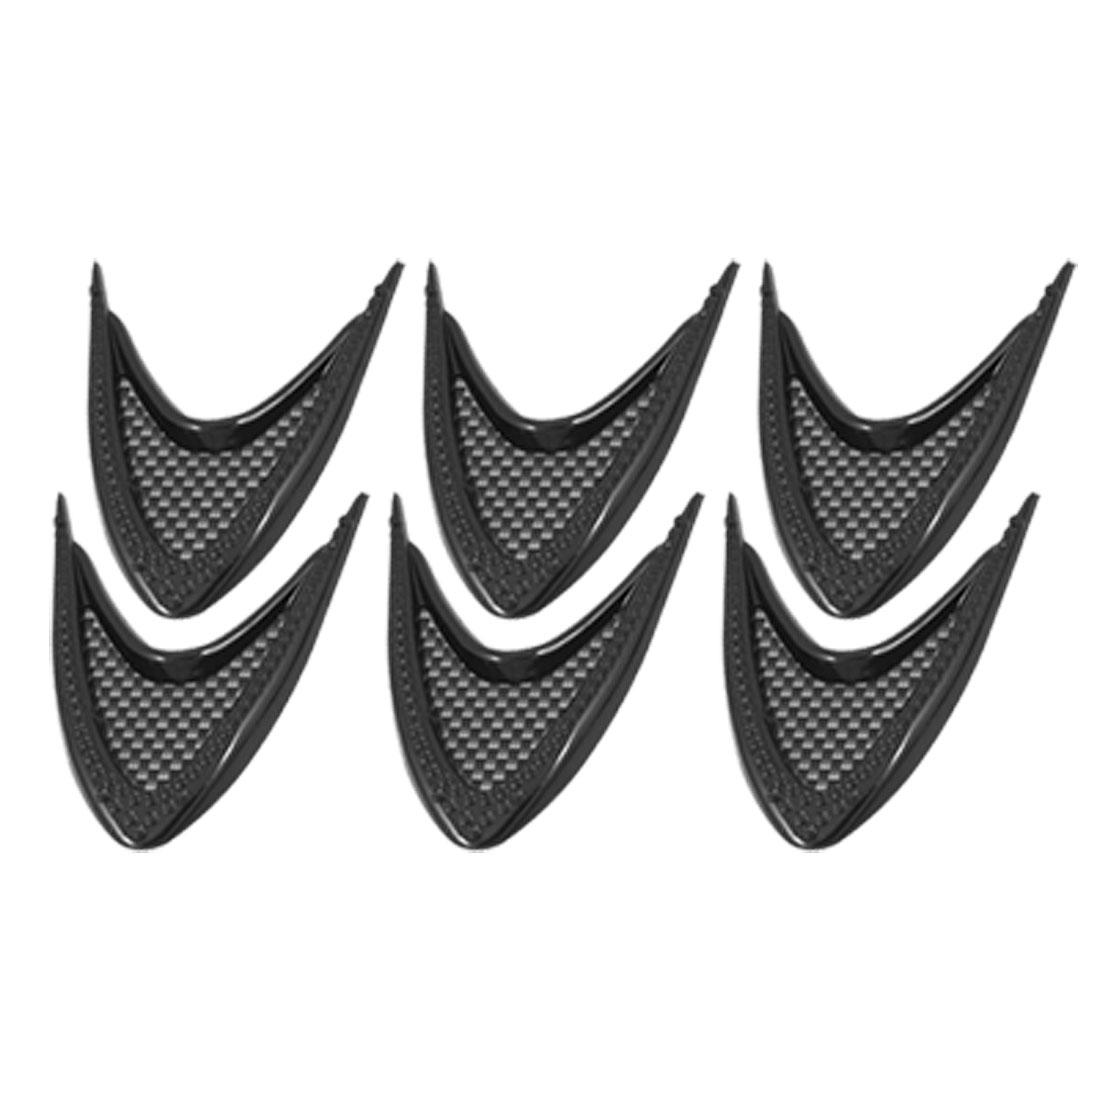 6 Pcs Plastic Black Adhesive Door Protector Sticker Car Ornament